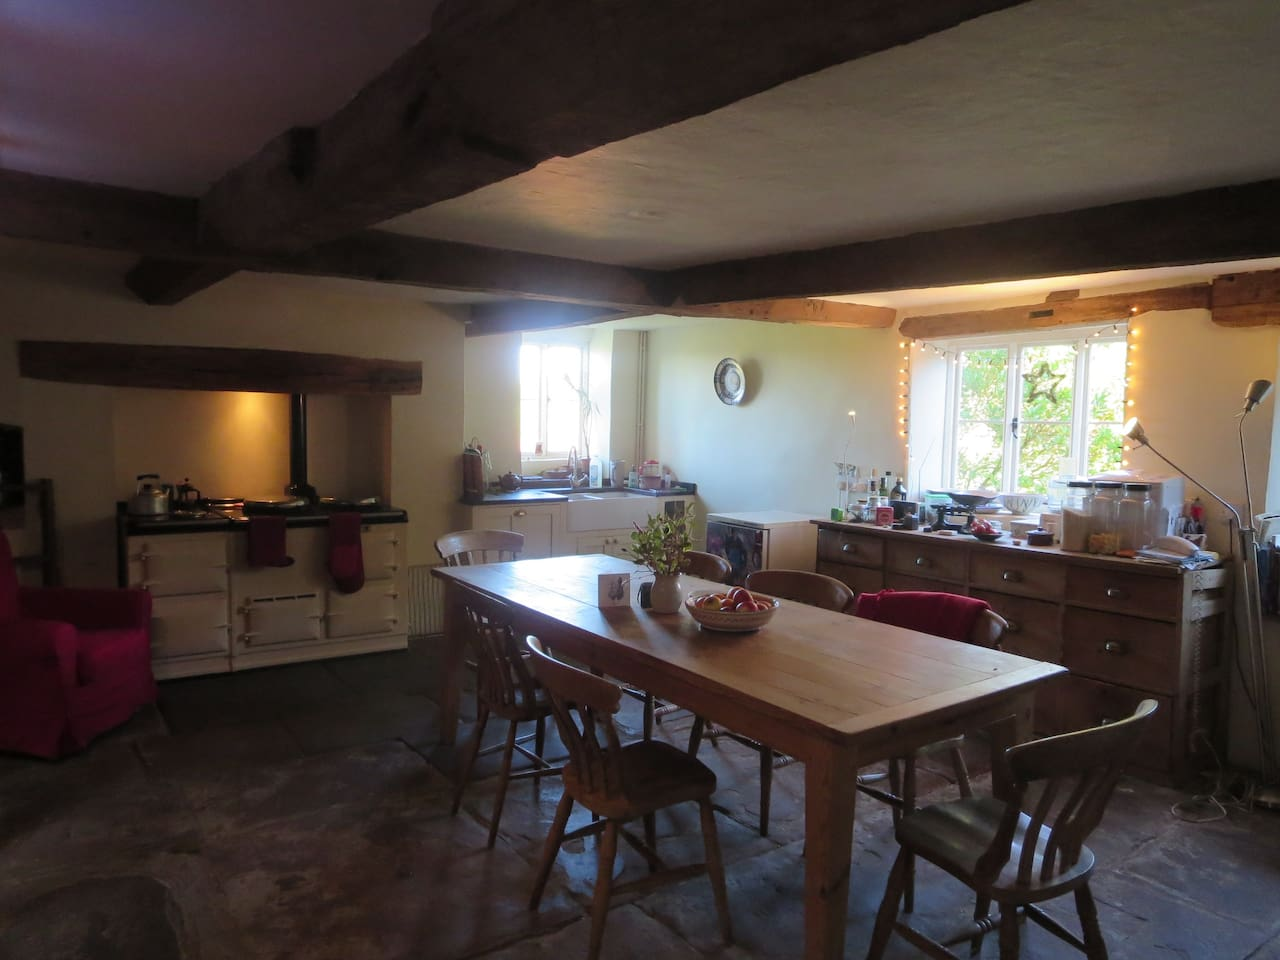 Kitchen from hall doorway.